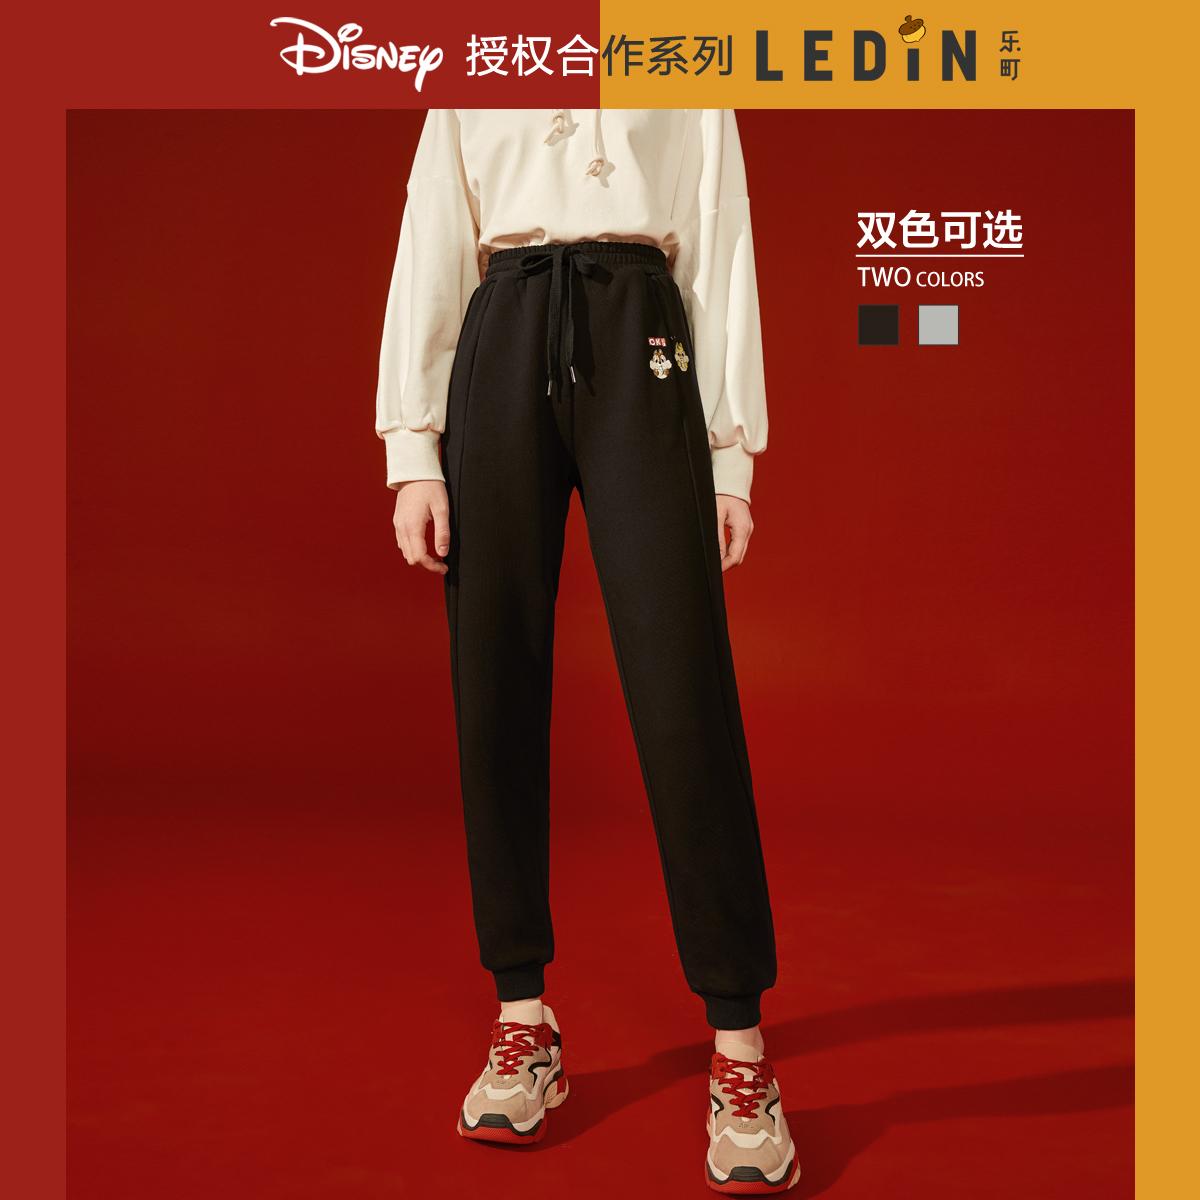 【奇奇蒂蒂联名】乐町裤子女2020春新款工装束脚哈伦休闲裤运动裤